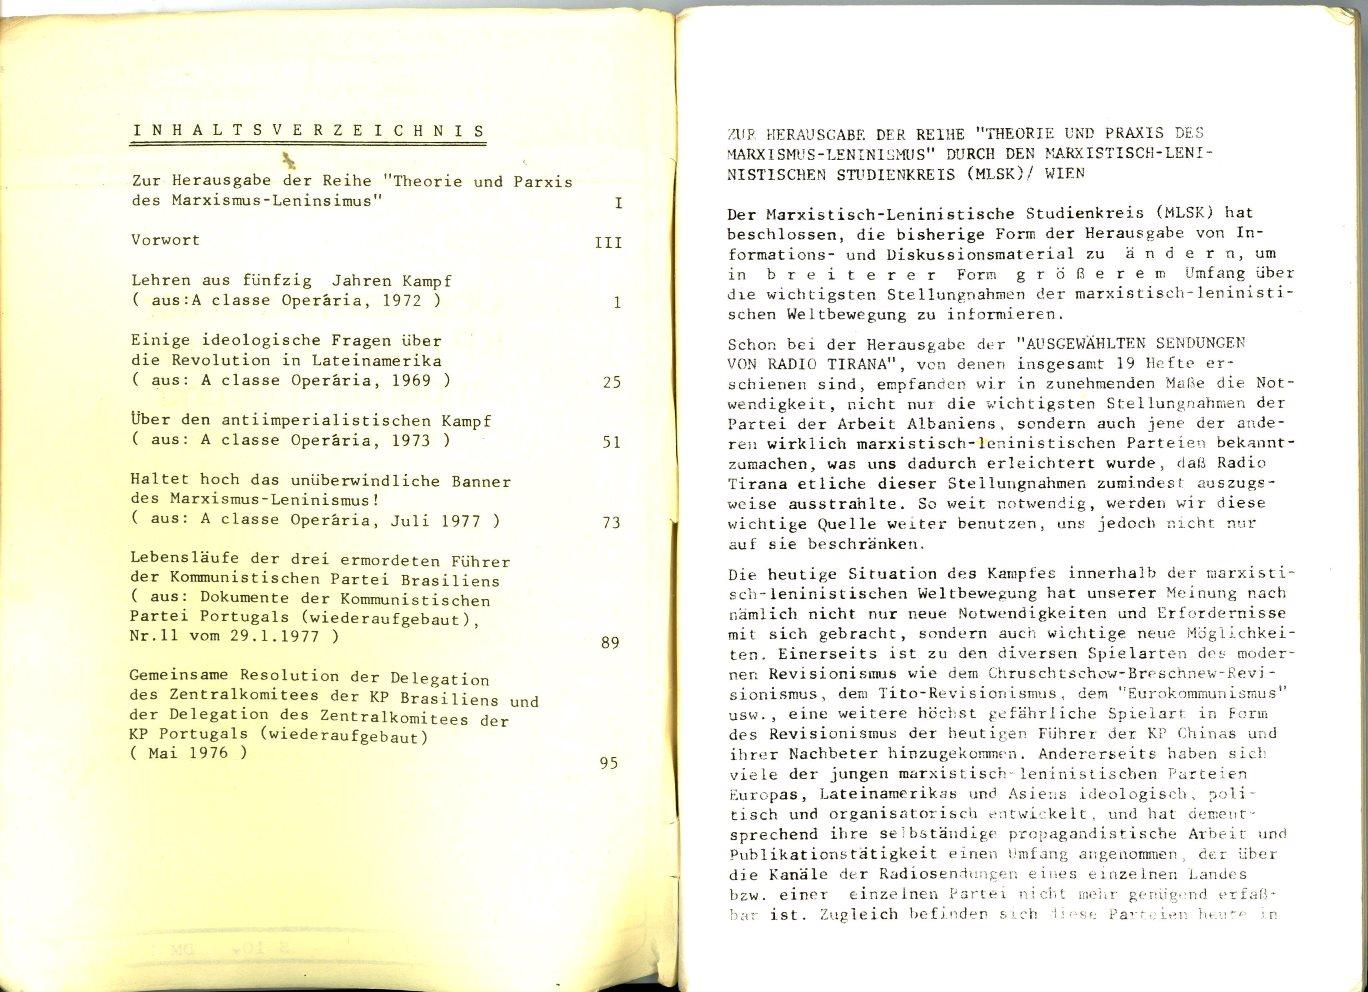 MLSK_Theorie_und_Praxis_des_ML_1978_20_02